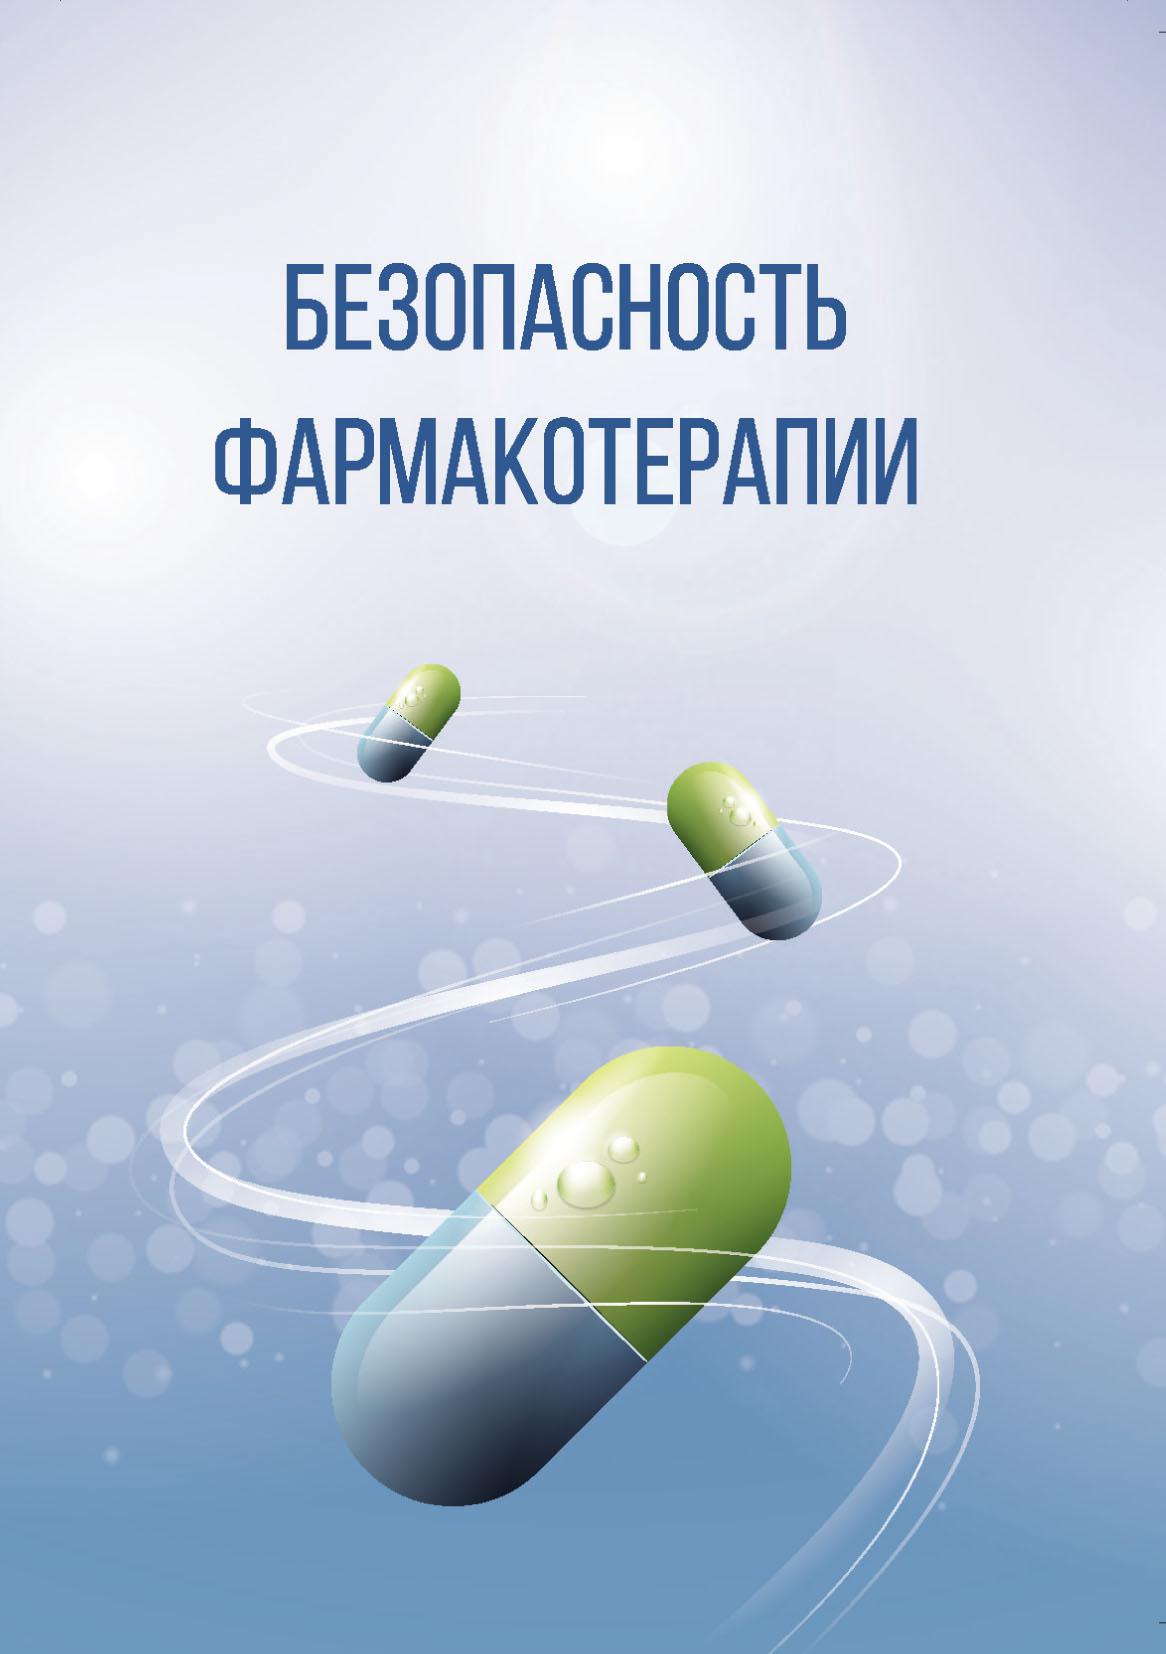 Коллектив авторов «Безопасность фармакотерапии»